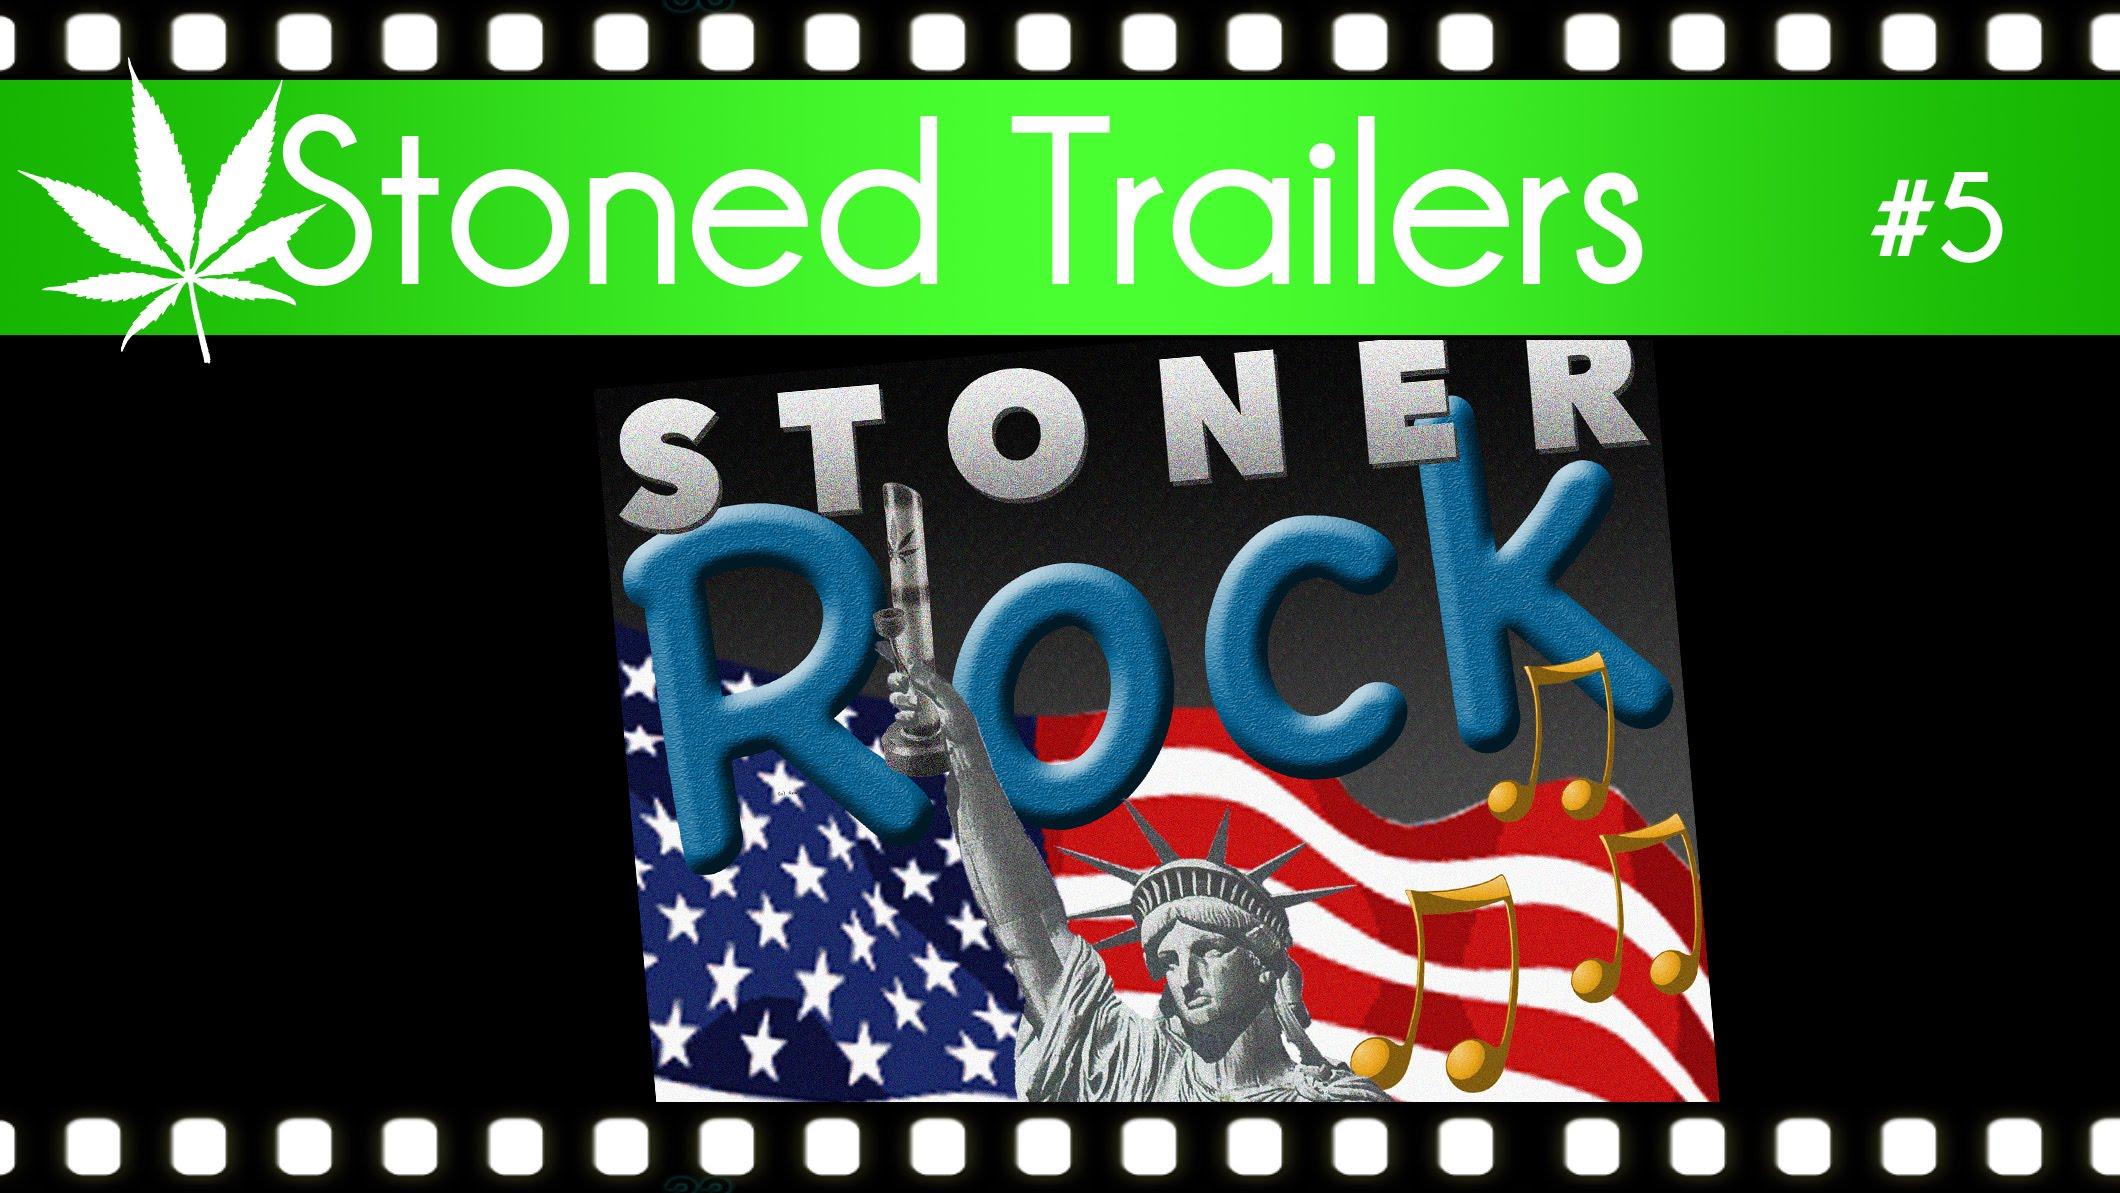 Ep 6 Stoner Rock